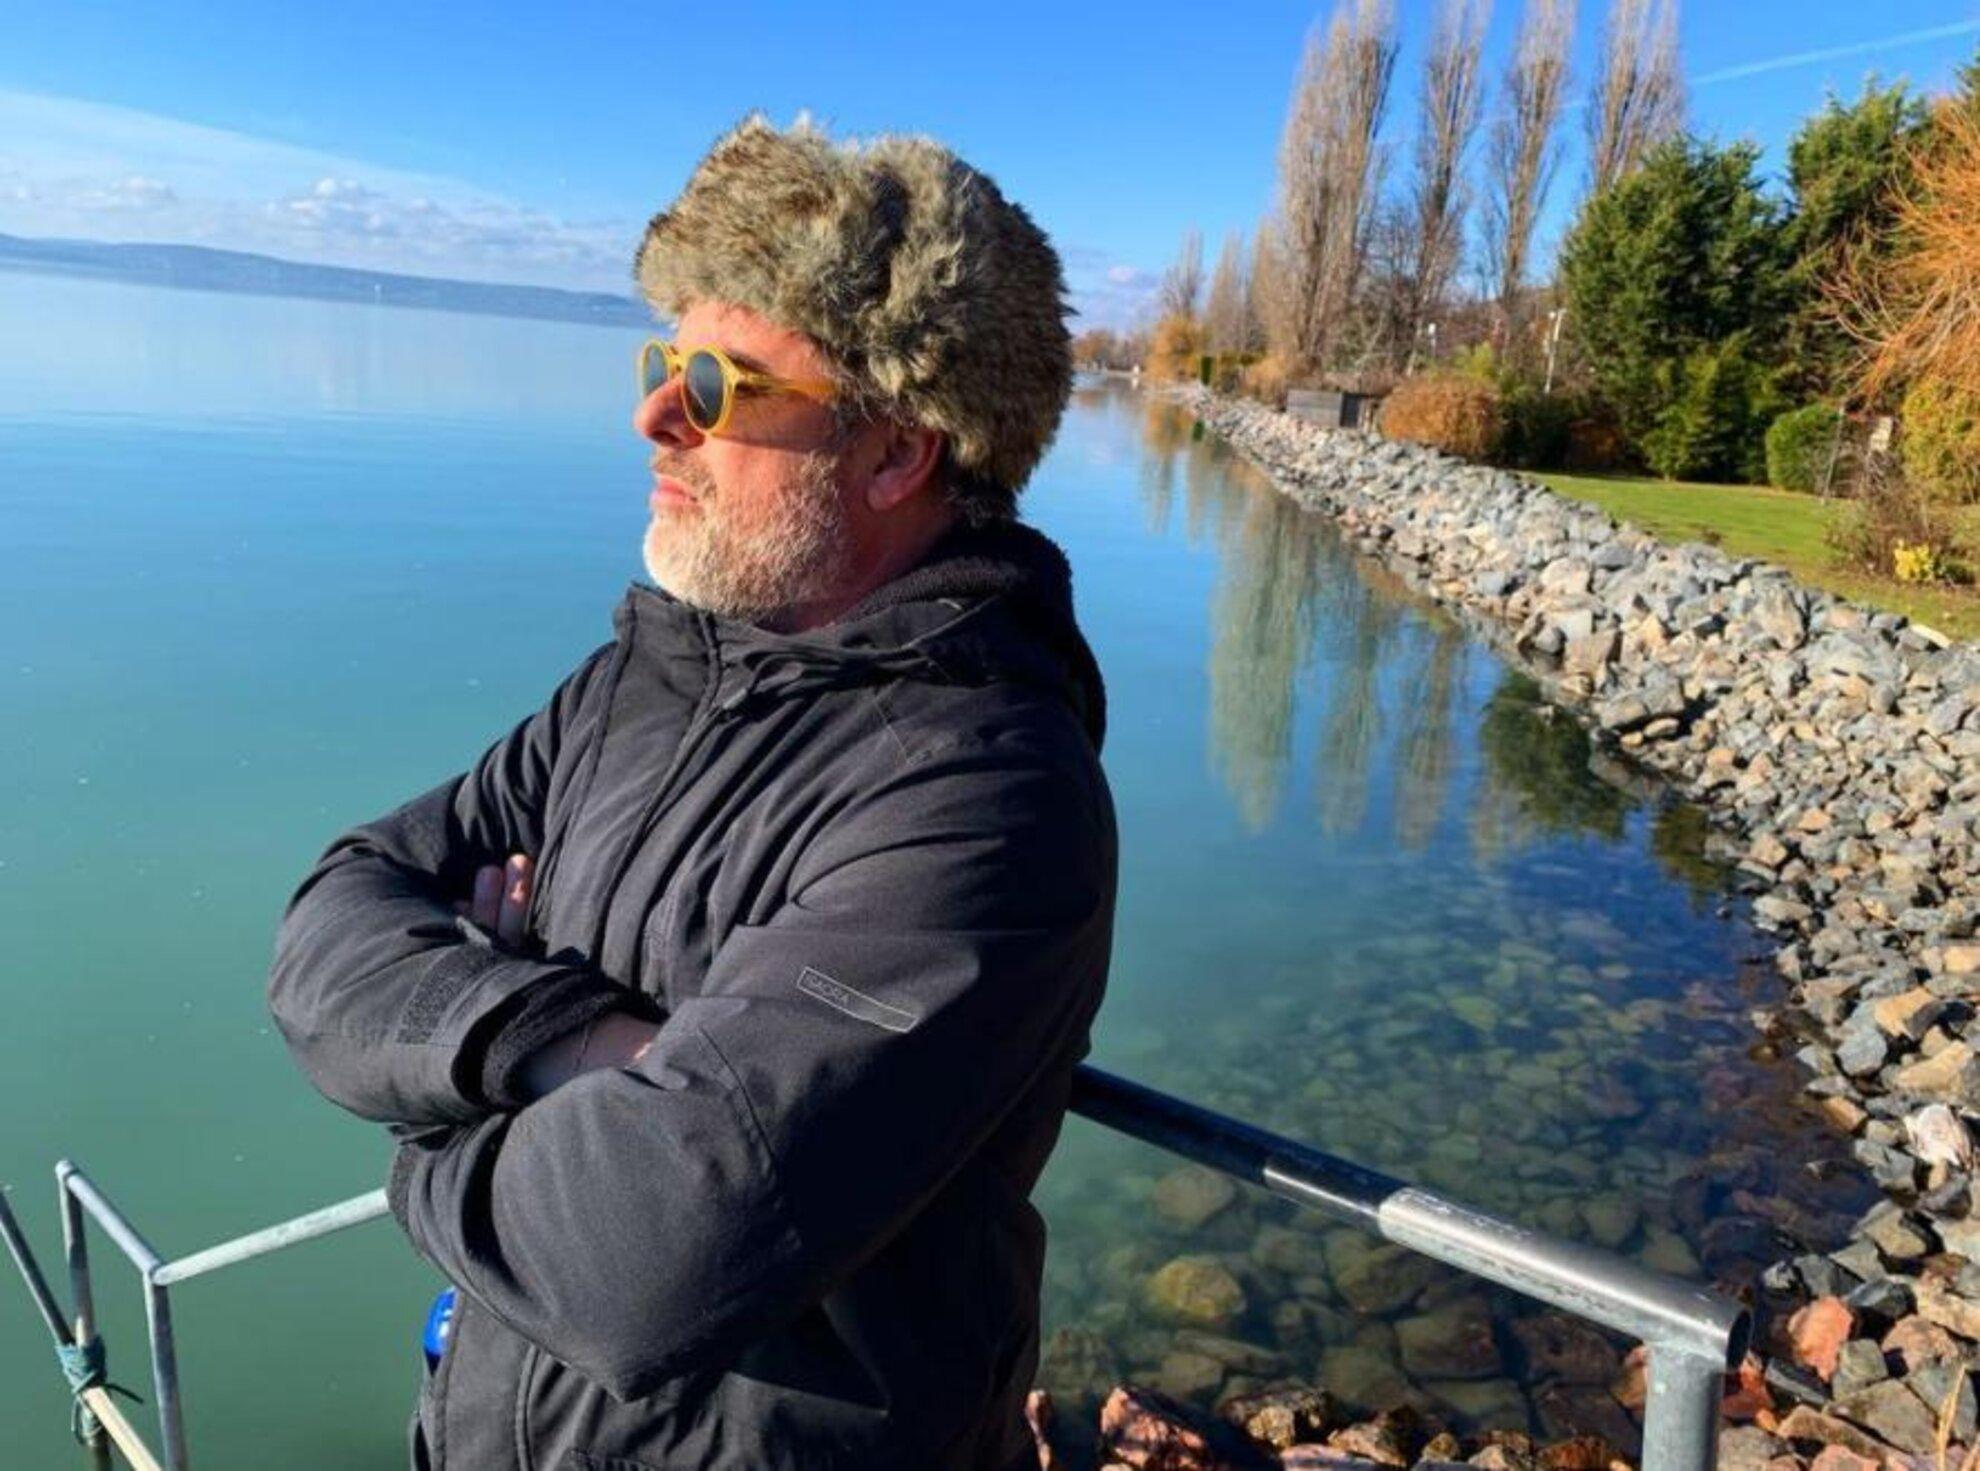 """Papp Gergő: """"Hálás vagyok a sorsnak azért, hogy ott élhetek, ahová mások nyaralni járnak"""""""